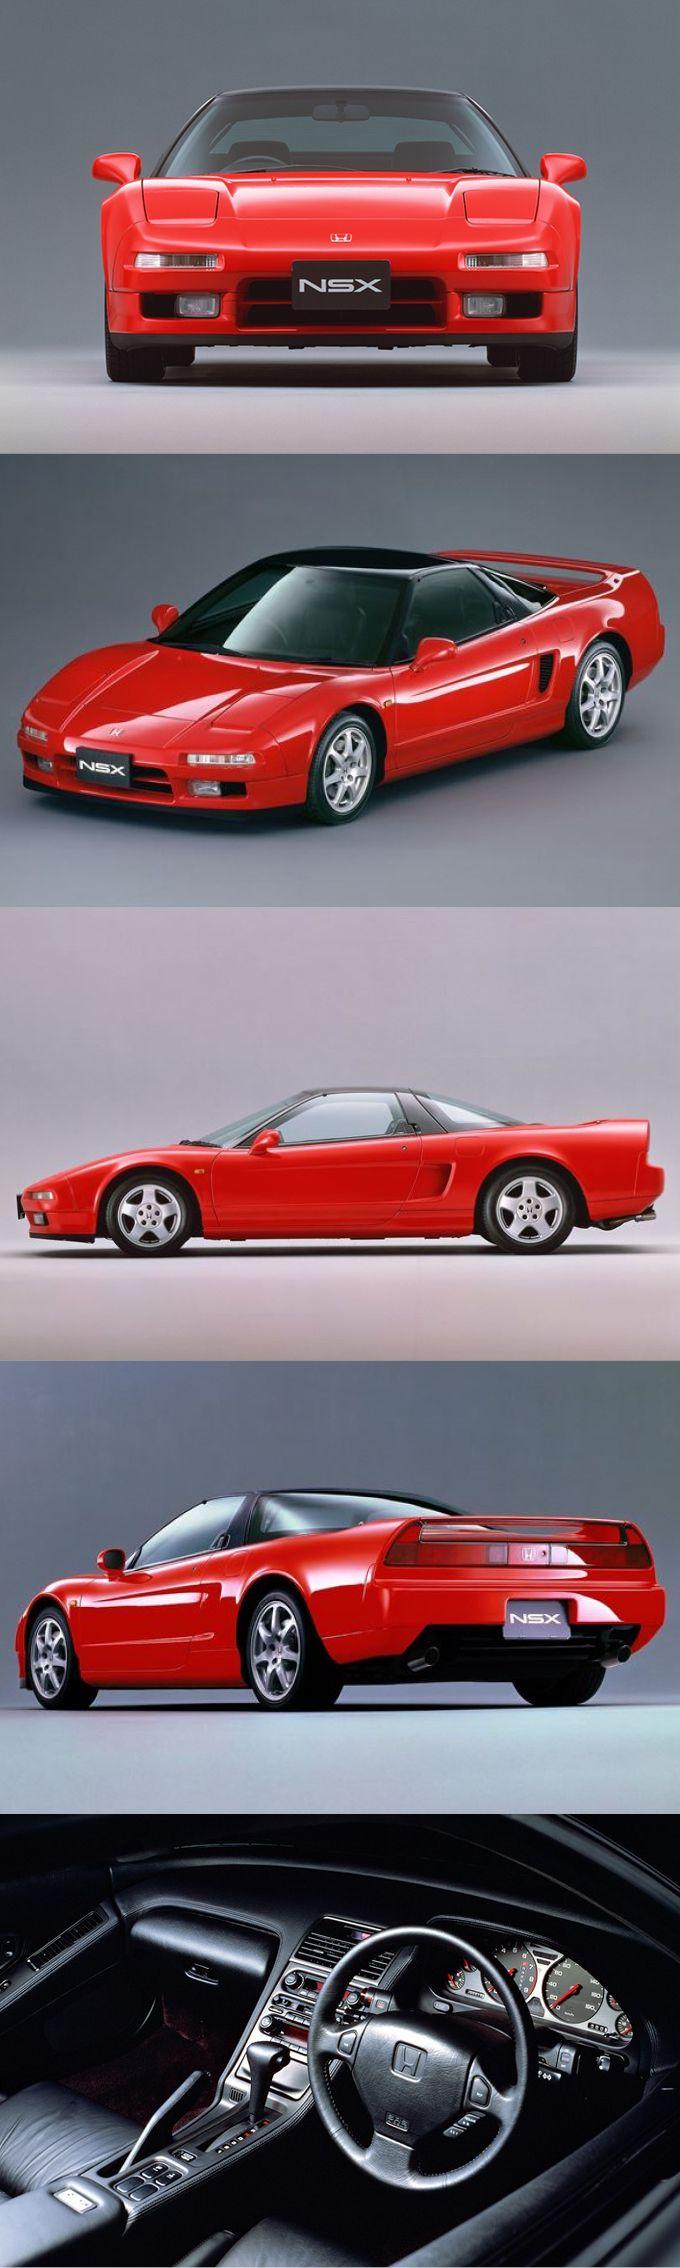 1990 Honda NSX / 290hp / red / Japan